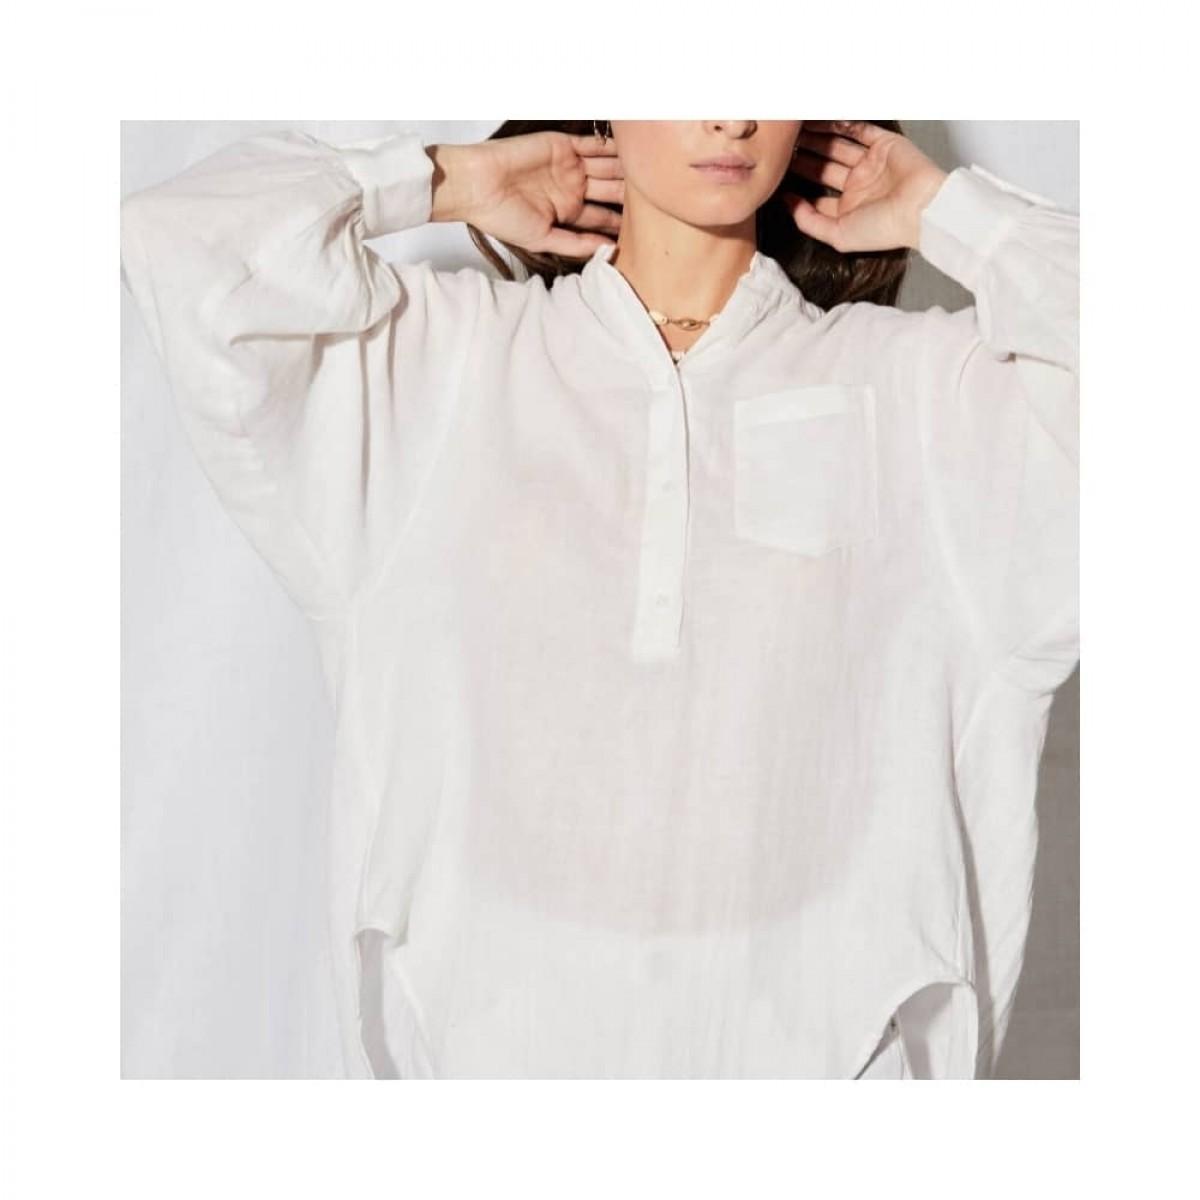 litonya skjorte - white - model lomme detalje